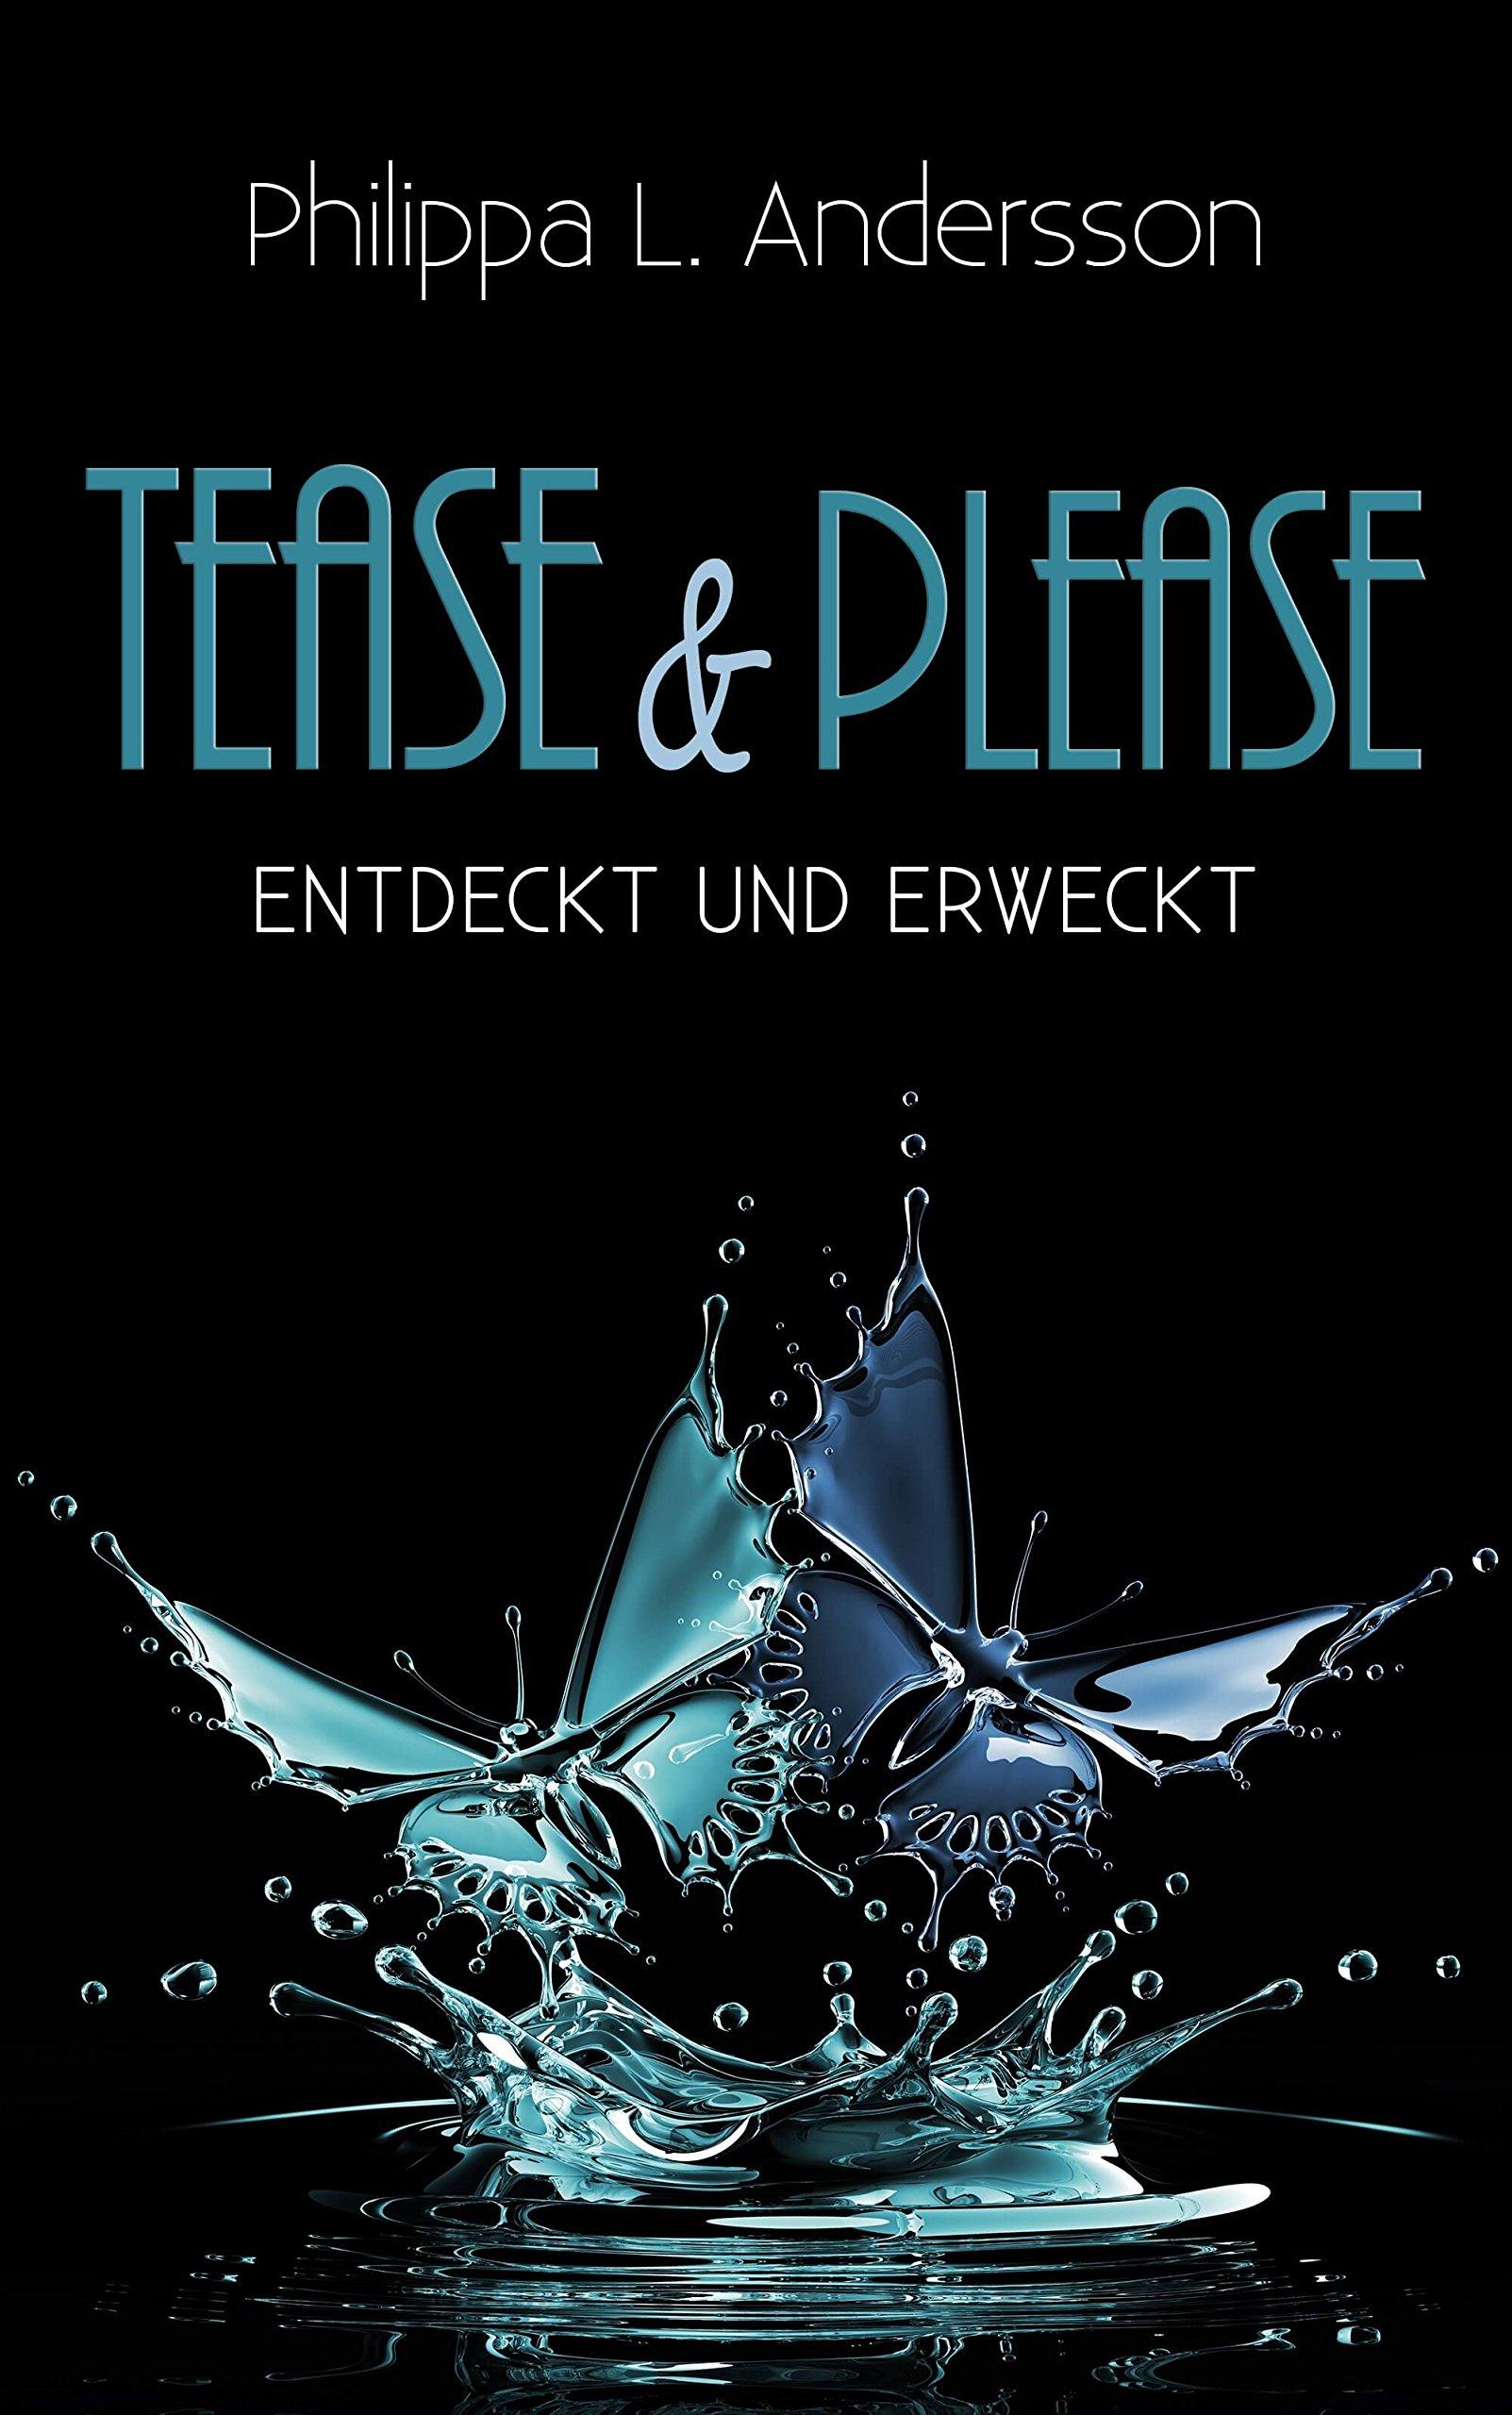 Tease & Please - entdeckt und erweckt (Tease & Please-Reihe - Band 2) Taschenbuch – 12. Juli 2018 Philippa L. Andersson 3961116830 FICTION / Romance / Erotica Moderne Frauen